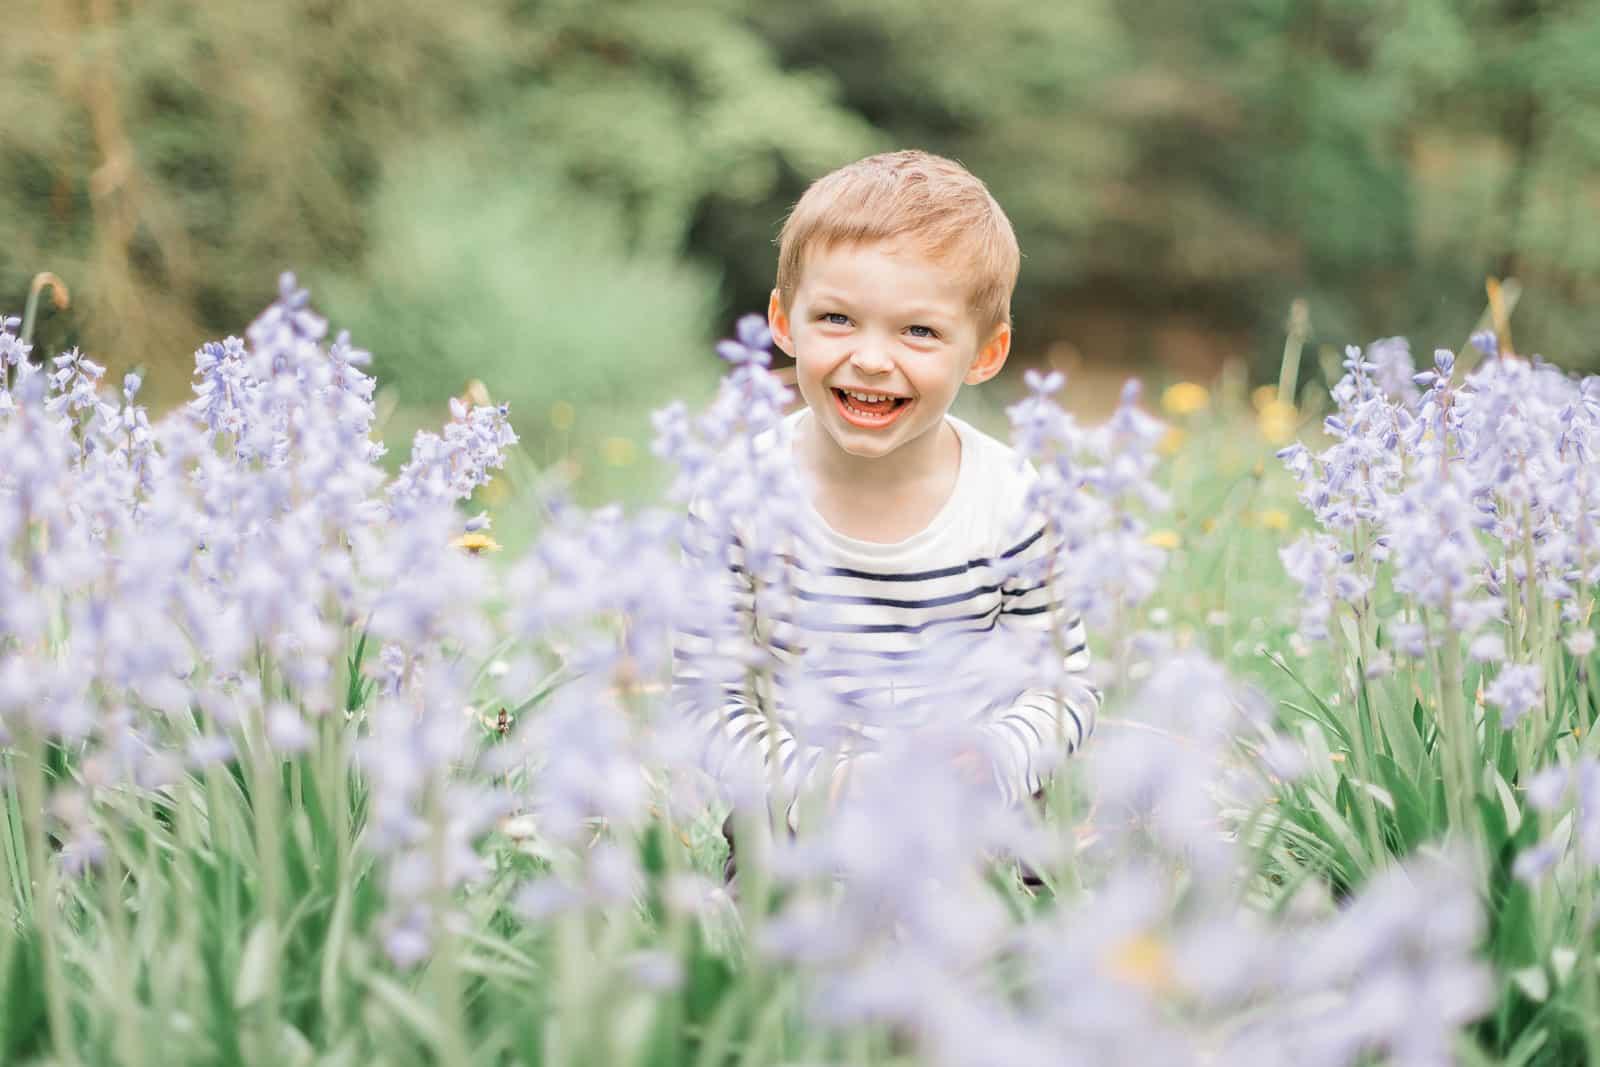 Photographie de Mathieu Dété, photographe de famille, présentant un enfant avec un grand sourire dans les fleurs